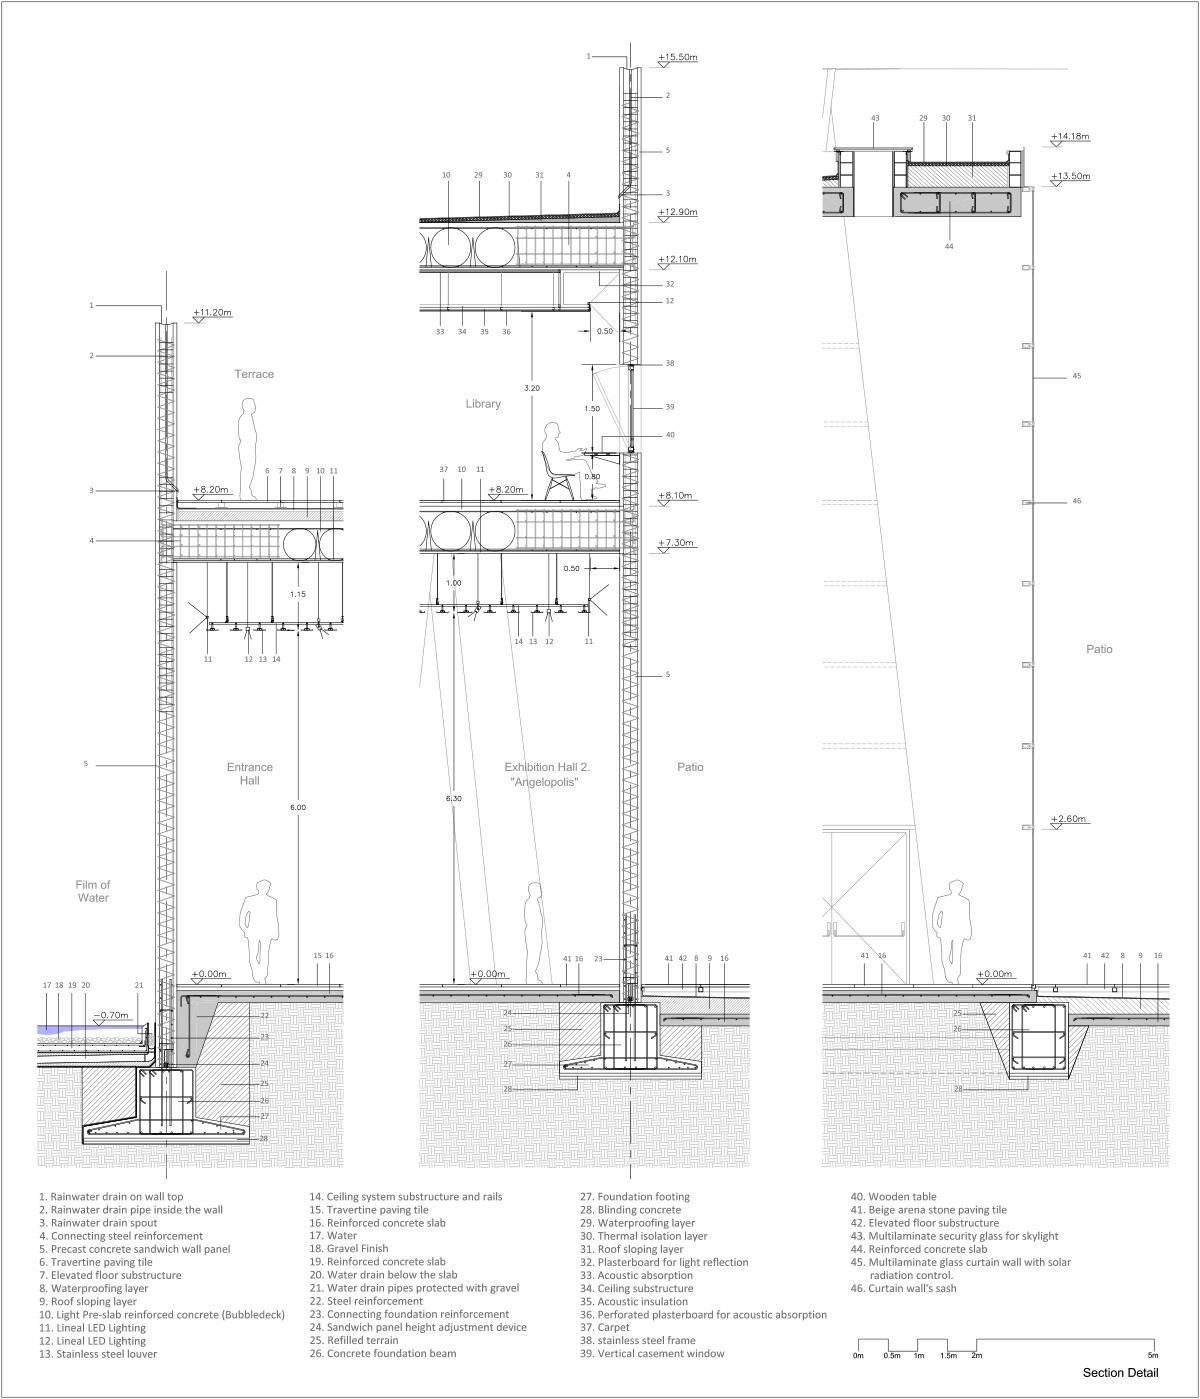 План интерьера современных музеев - Фото 6